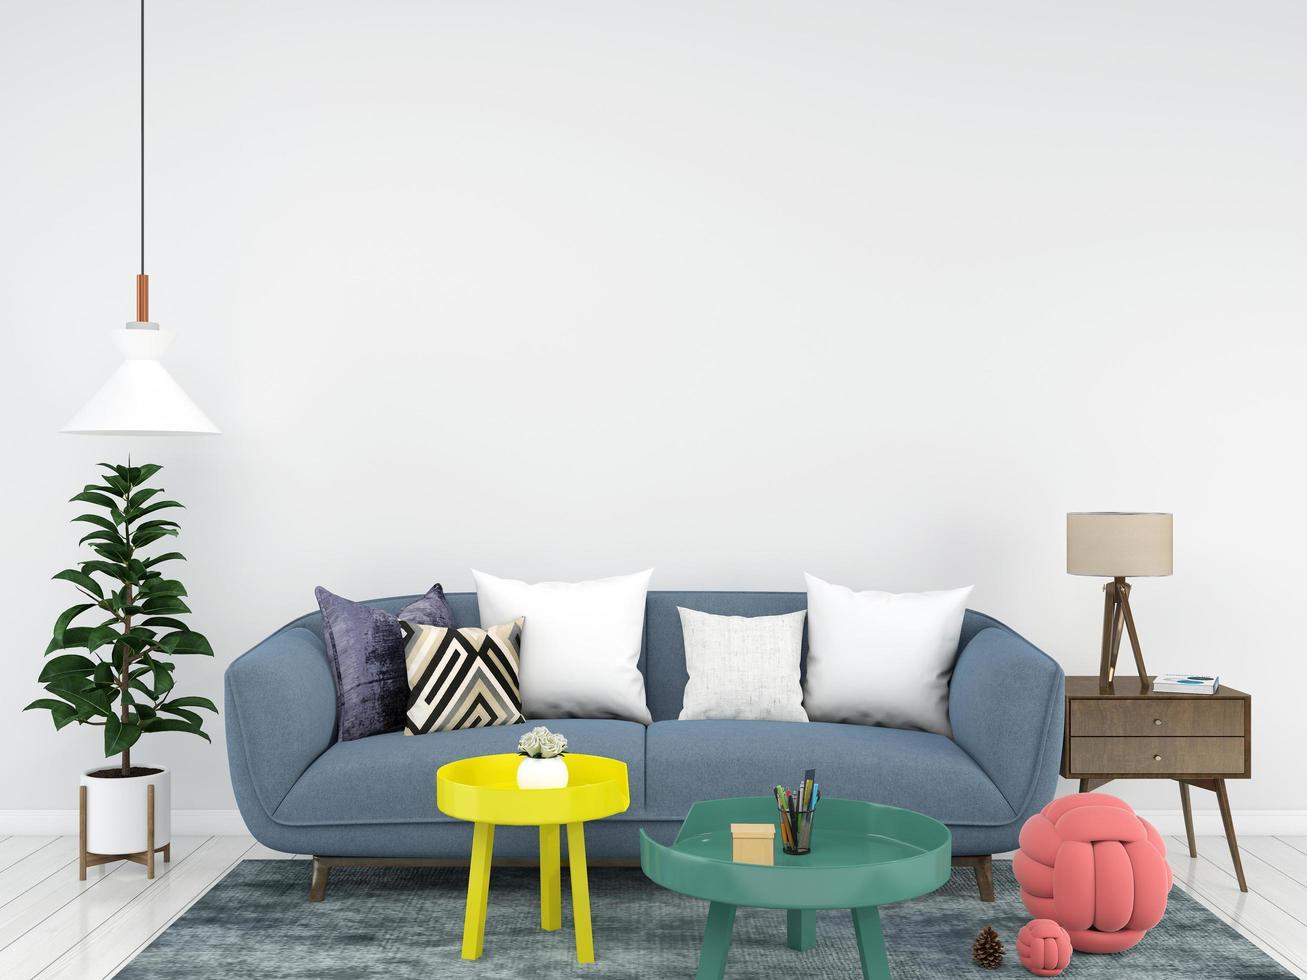 sala de estar interior 3d render foto